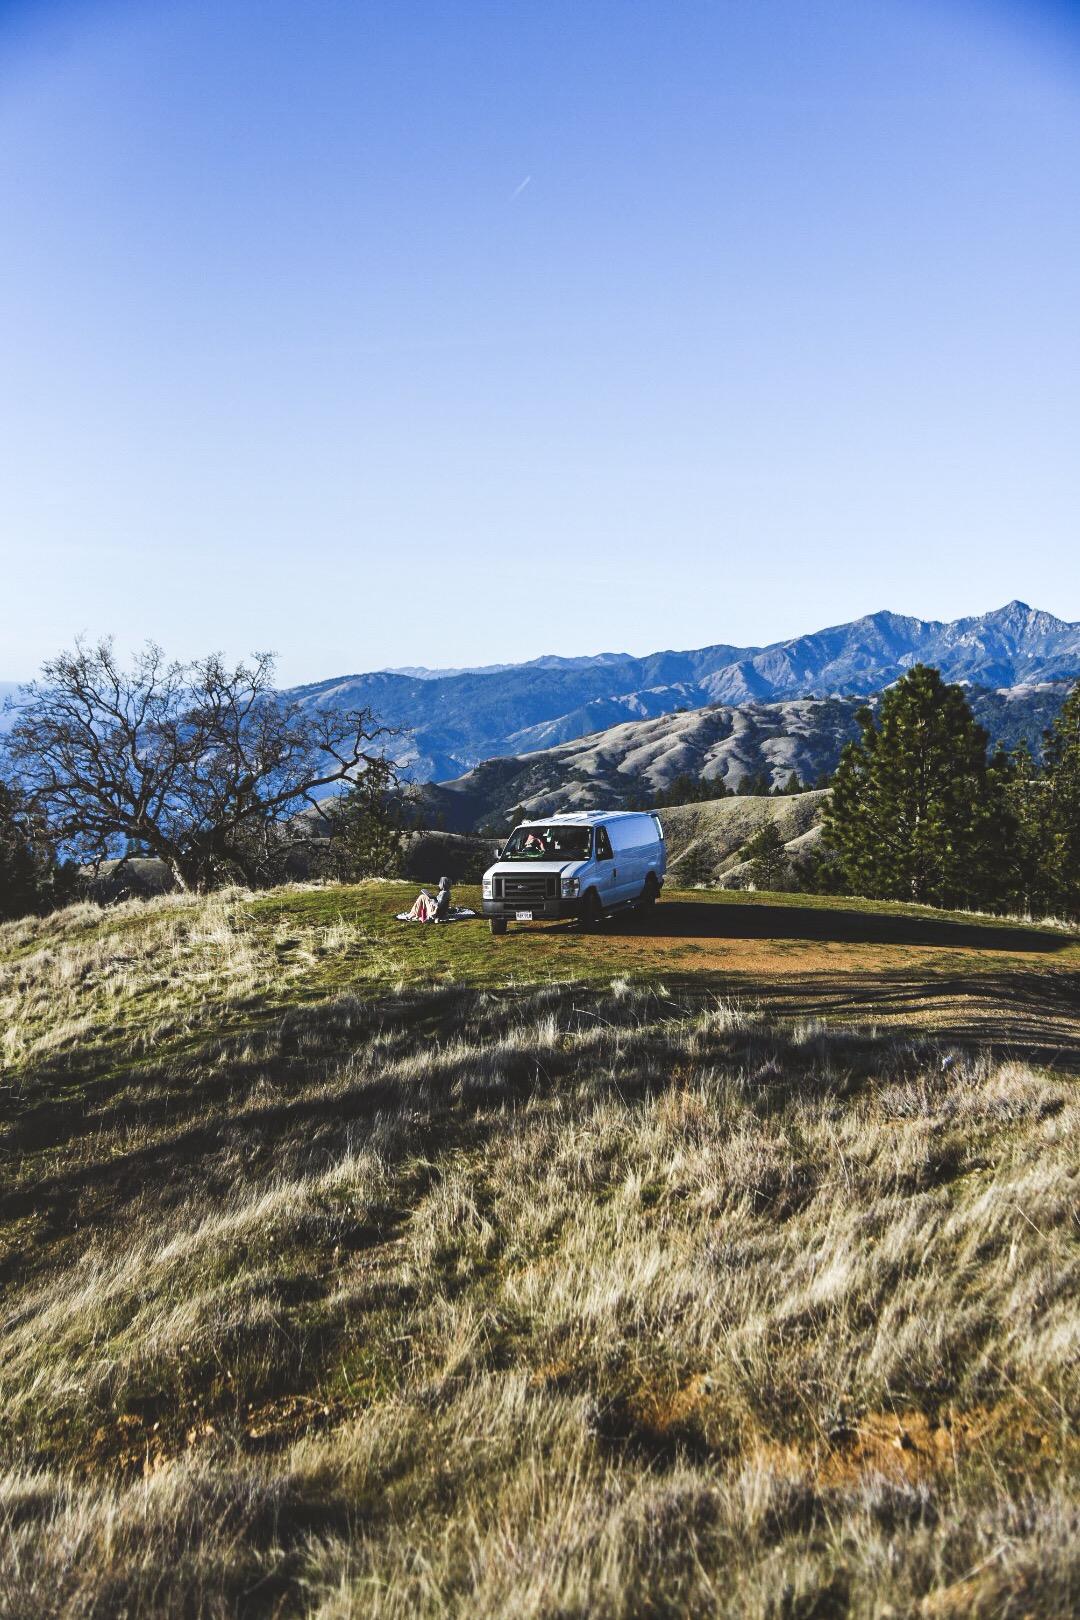 La vista desde nuestro campamento.